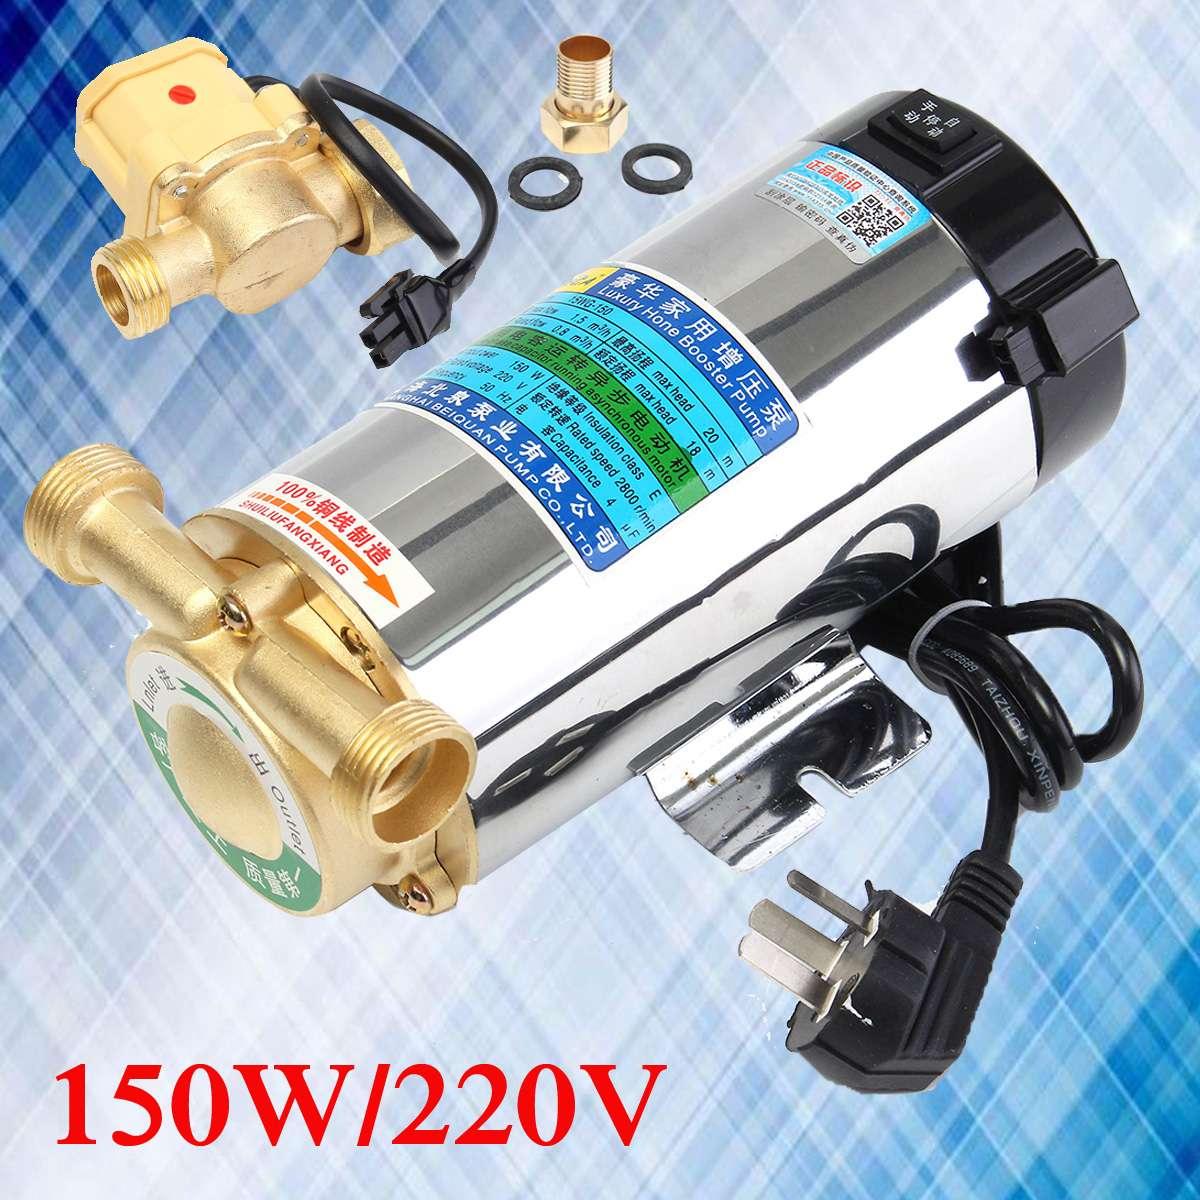 Мини 150 Вт Трубопроводный насос автоматический циркуляционный Водяной насос 220 В в/50 Гц Электрический насос давления повышающий насос для в...